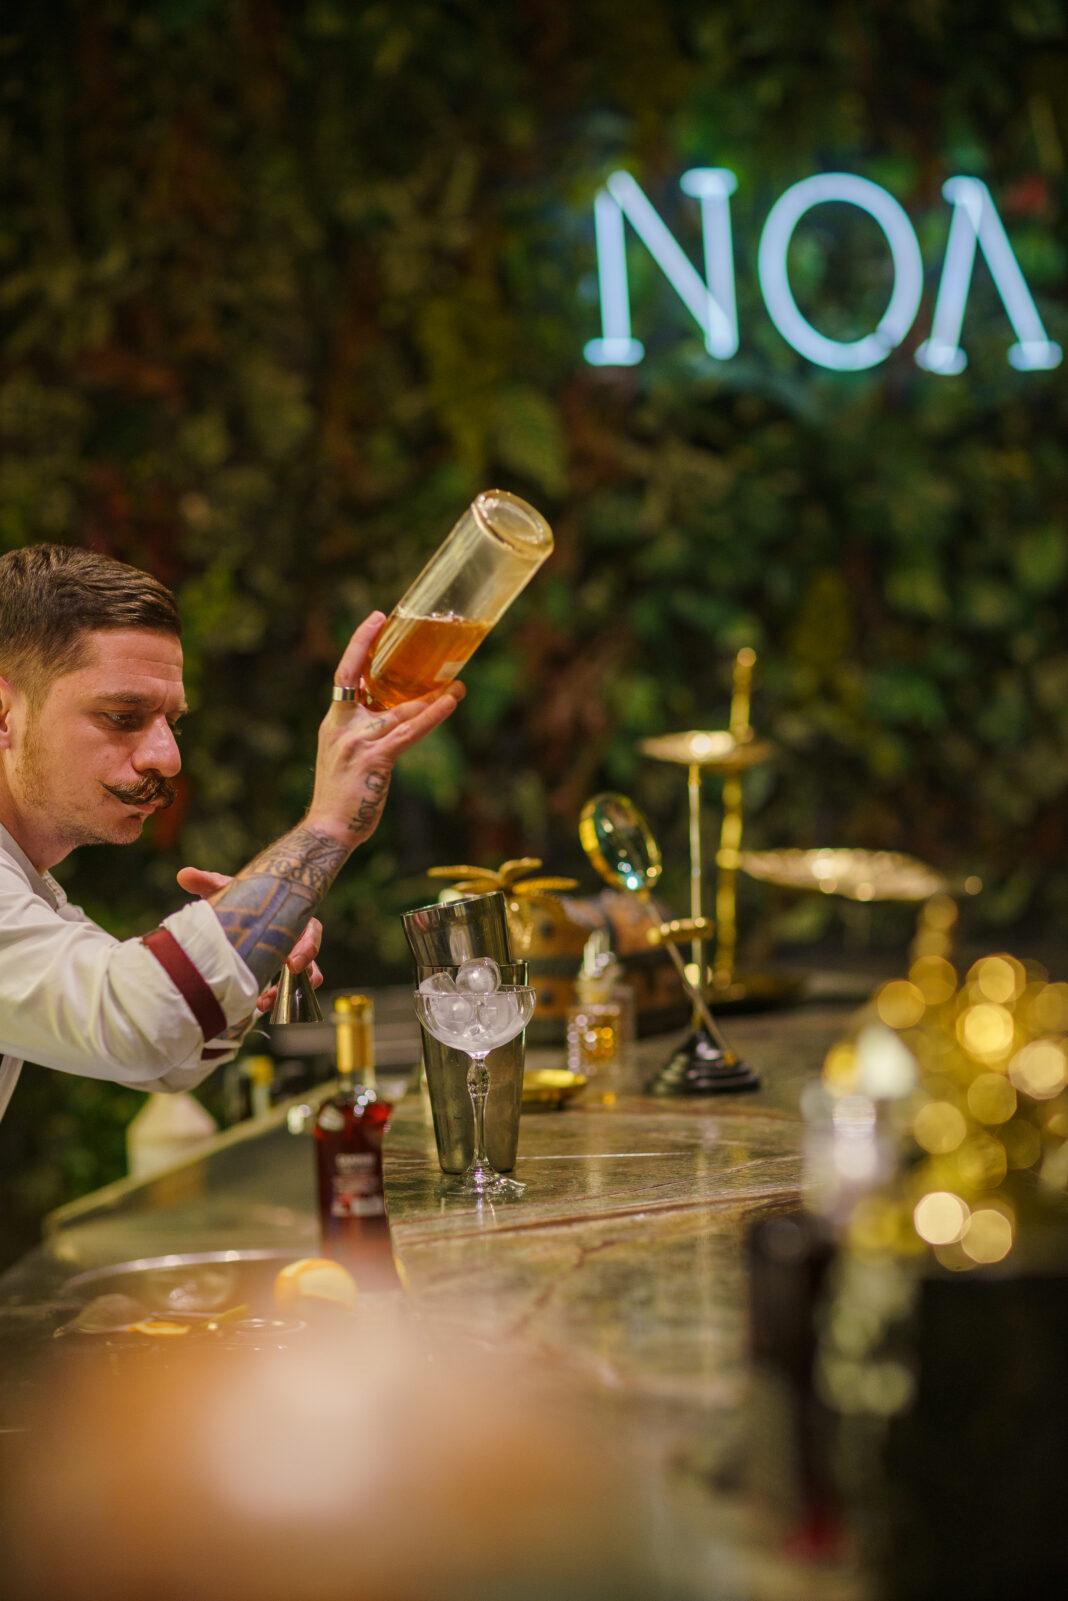 A Napoli apre NOA: primo worldwidetasting restaurant della città